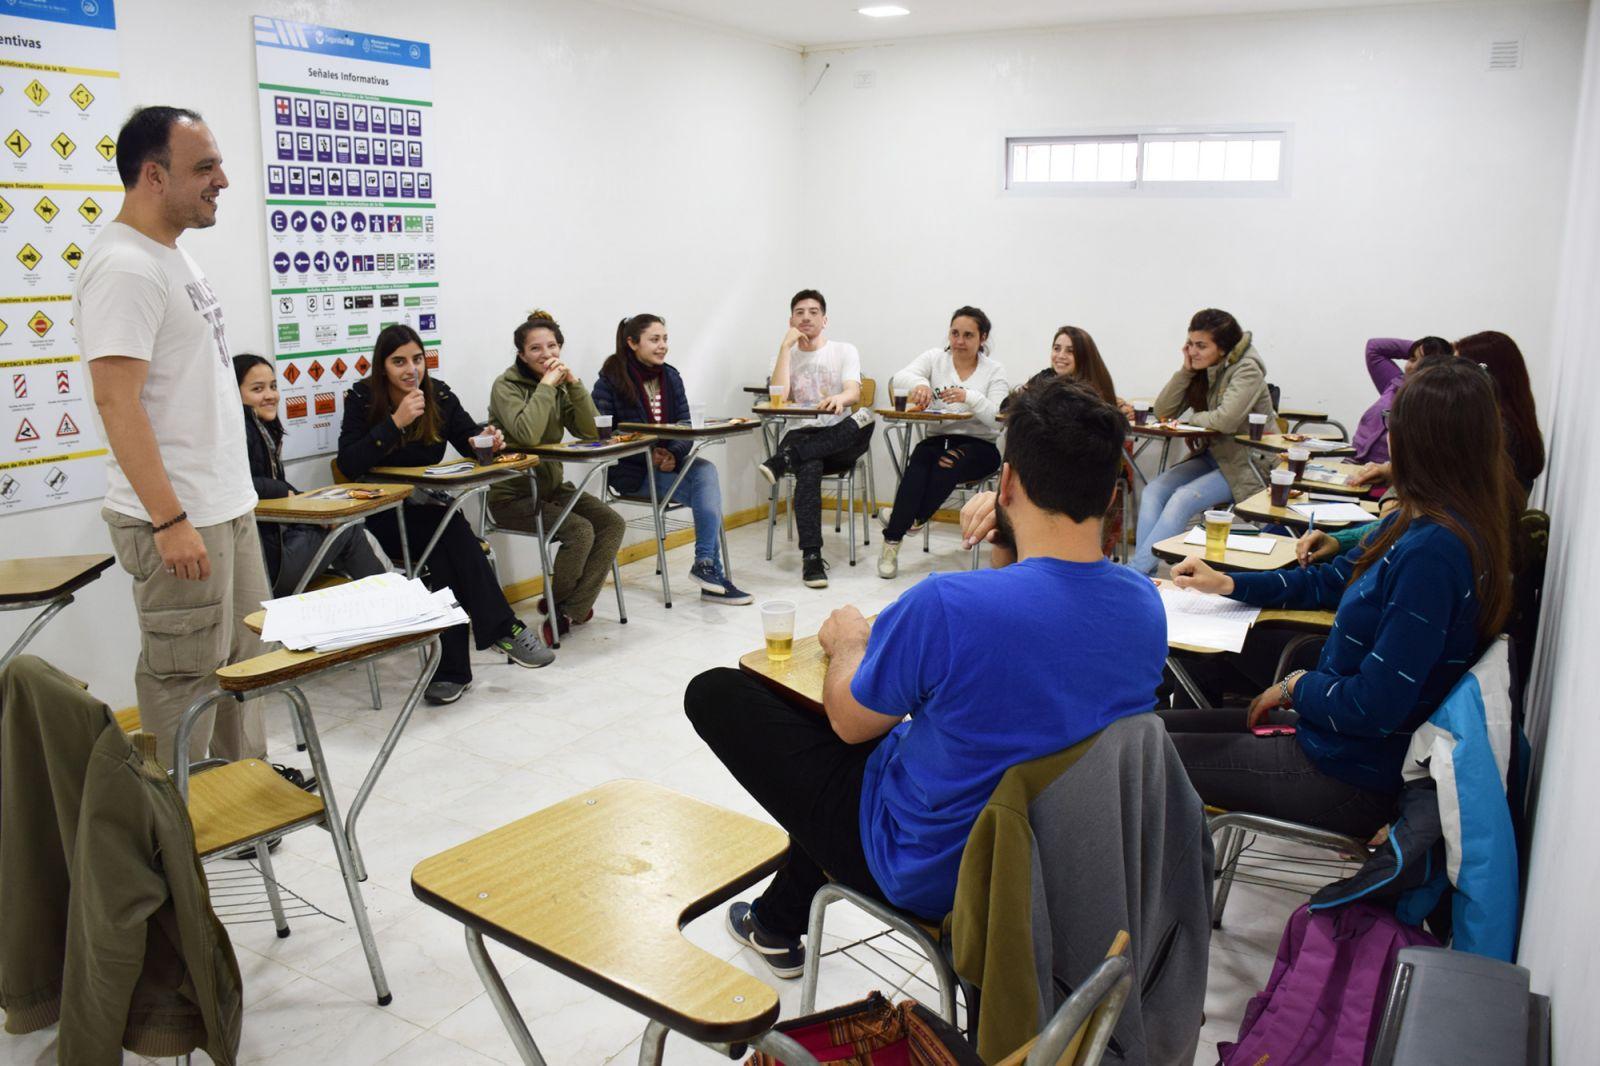 Municipalidad ciudad de rufino for Oficina de empleo cursos